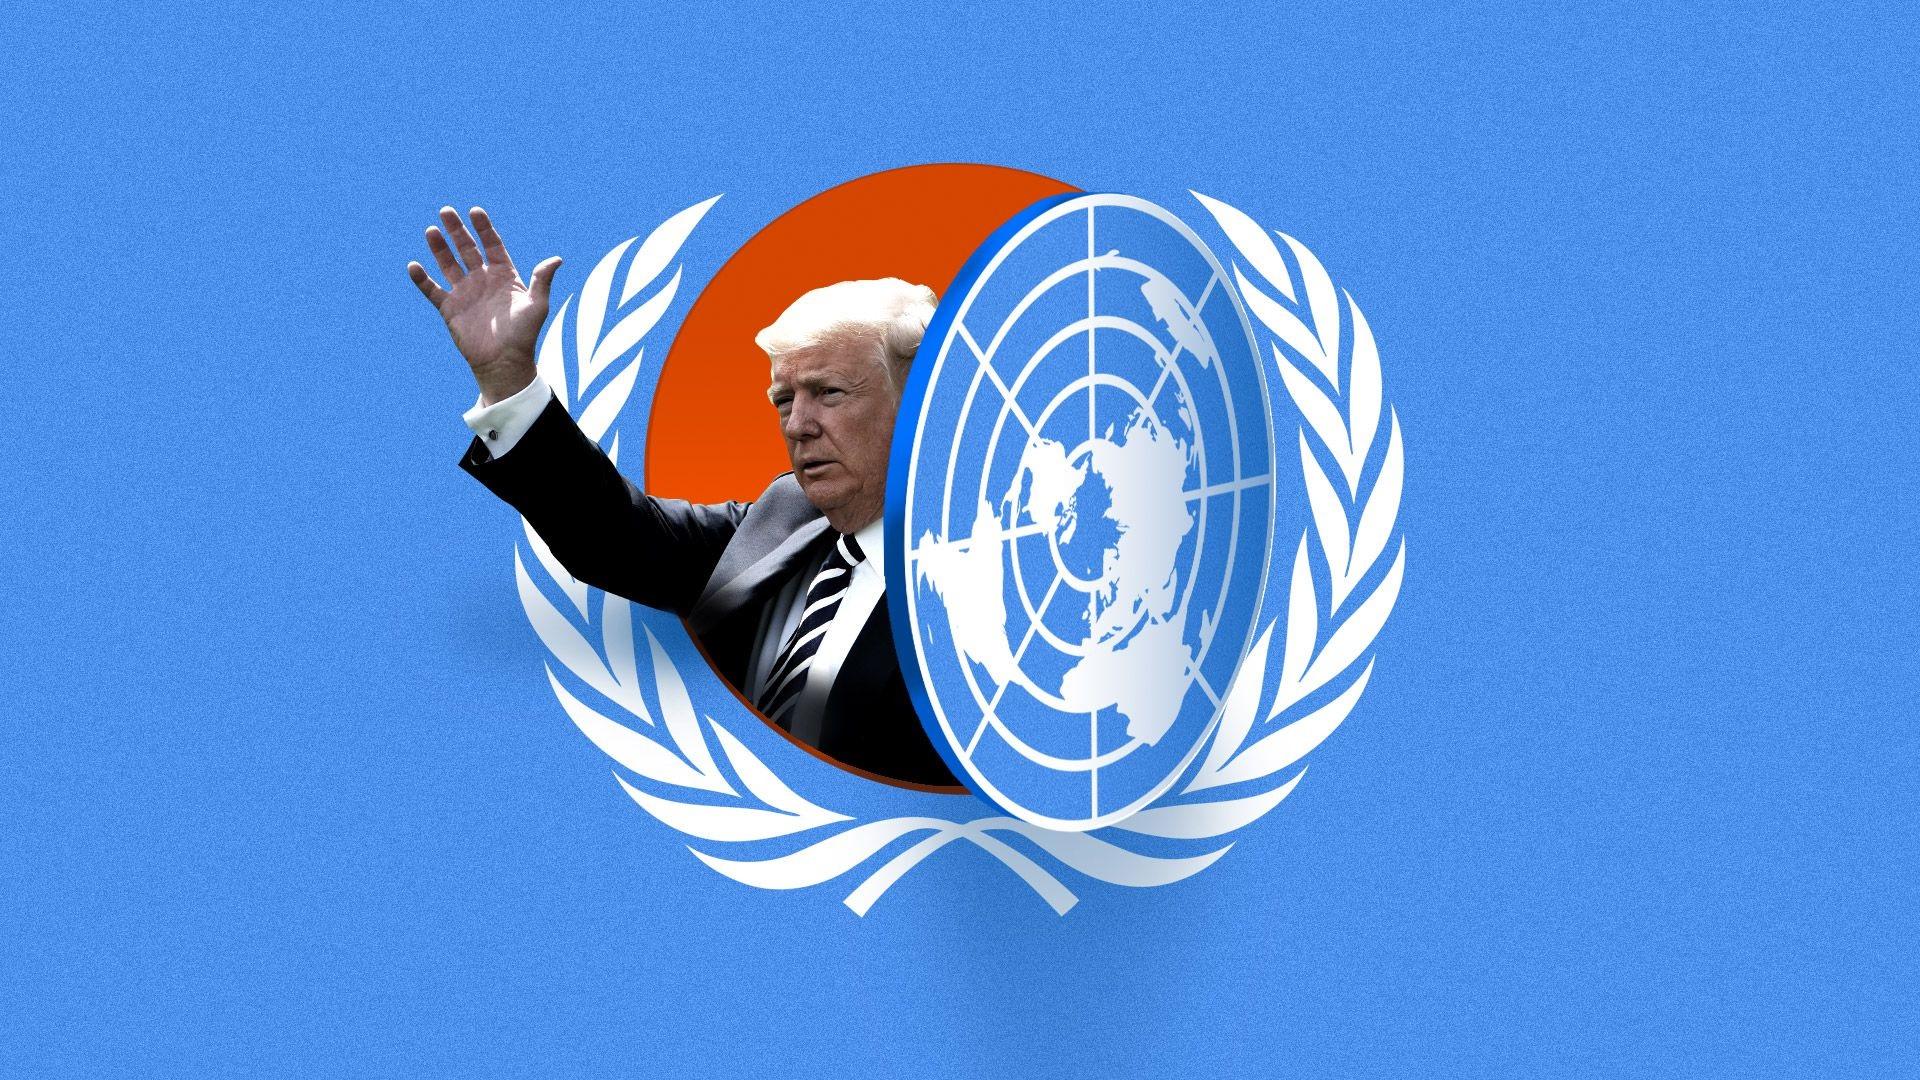 Κατηγορώ Ουάσιγκτον κατά ΟΗΕ για την προώθηση των αμβλώσεων εν μέσω πανδημίας